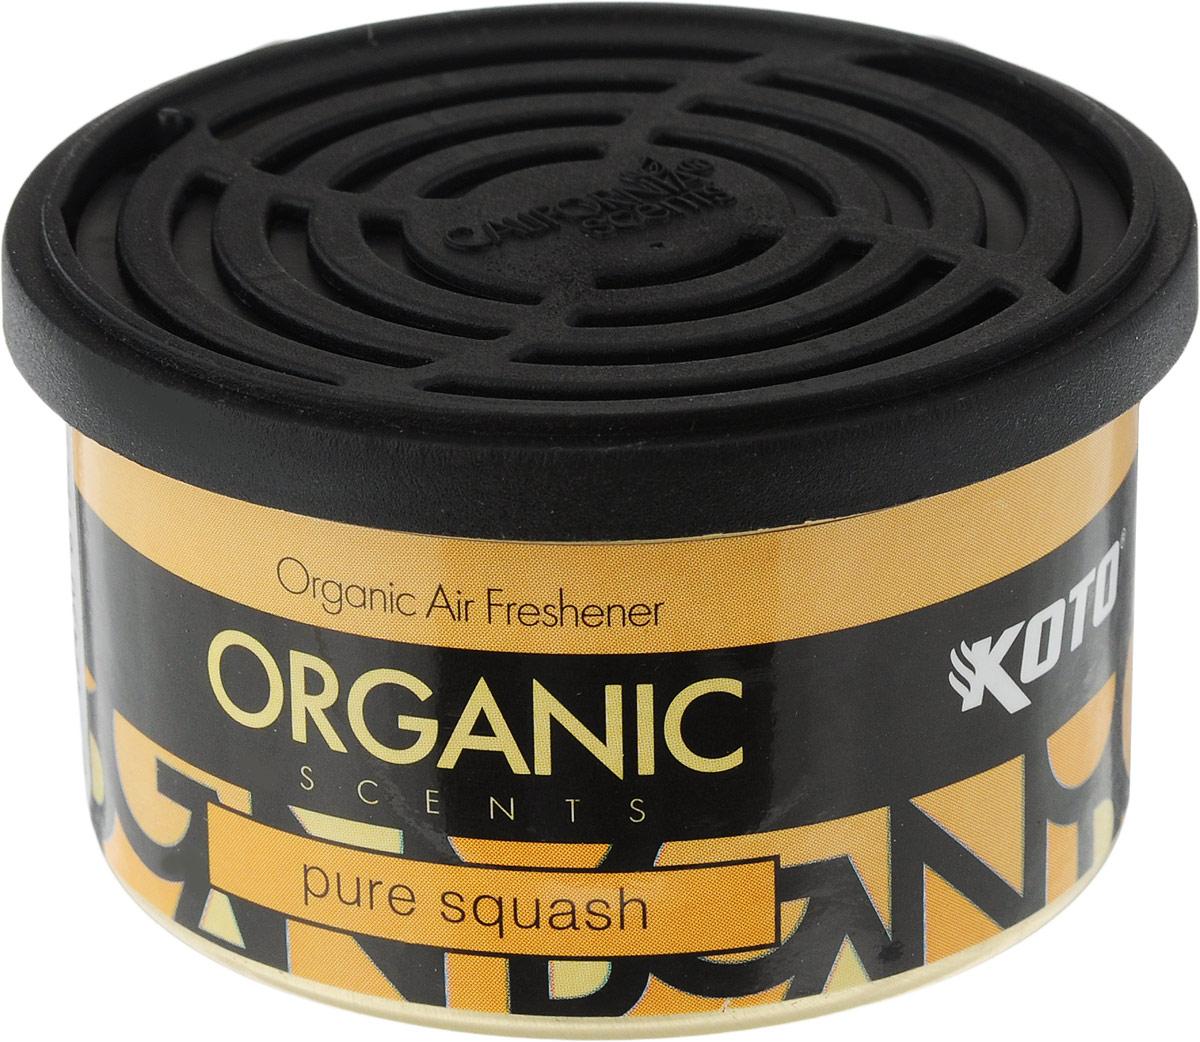 Ароматизатор автомобильный Koto Organic, чистый сквошFPO-105Автомобильный ароматизатор Koto Organic эффективно устраняет неприятные запахи и придает приятный аромат сквоша. Внутри - органический наполнитель, который не растекается и не вредит окружающей среде. Ароматизатор имеет удобную крышку-регулятор, так что интенсивность аромата вы сможете настроить сами. Стойкий аромат держится около 60 дней. Ароматизатор может быть расположен как на приборной панели, так и под сиденьем автомобиля. Товар сертифицирован.